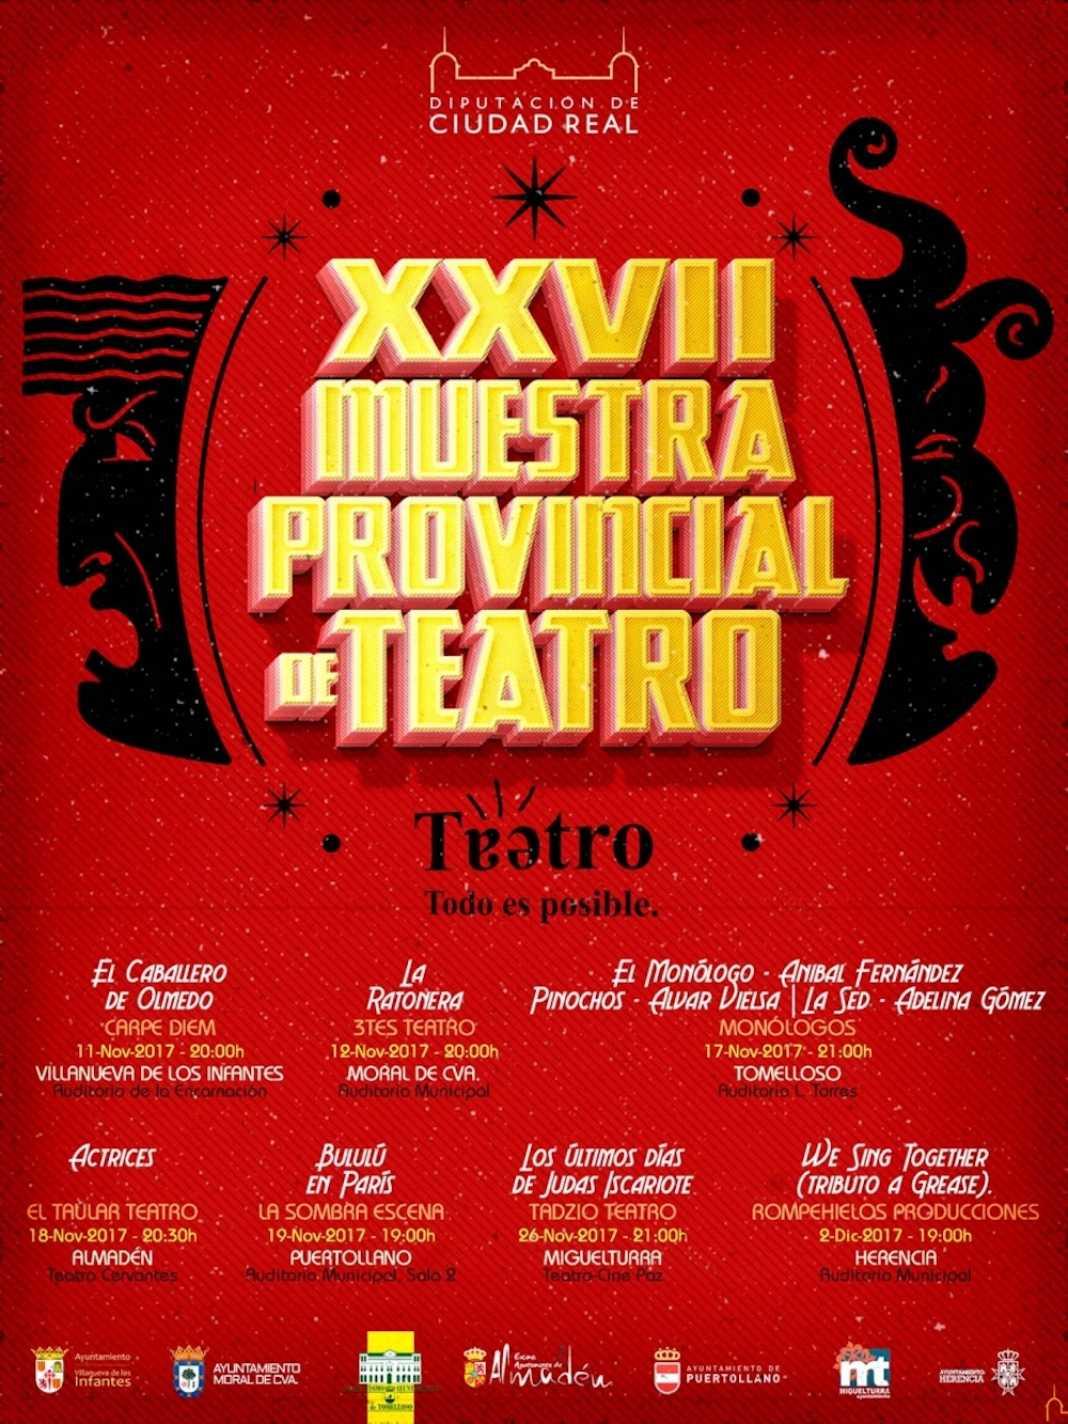 muestra provincial teatro 2017 1068x1424 - XXVII Muestra Provincial de Teatro de la Diputación concluirá en Herencia